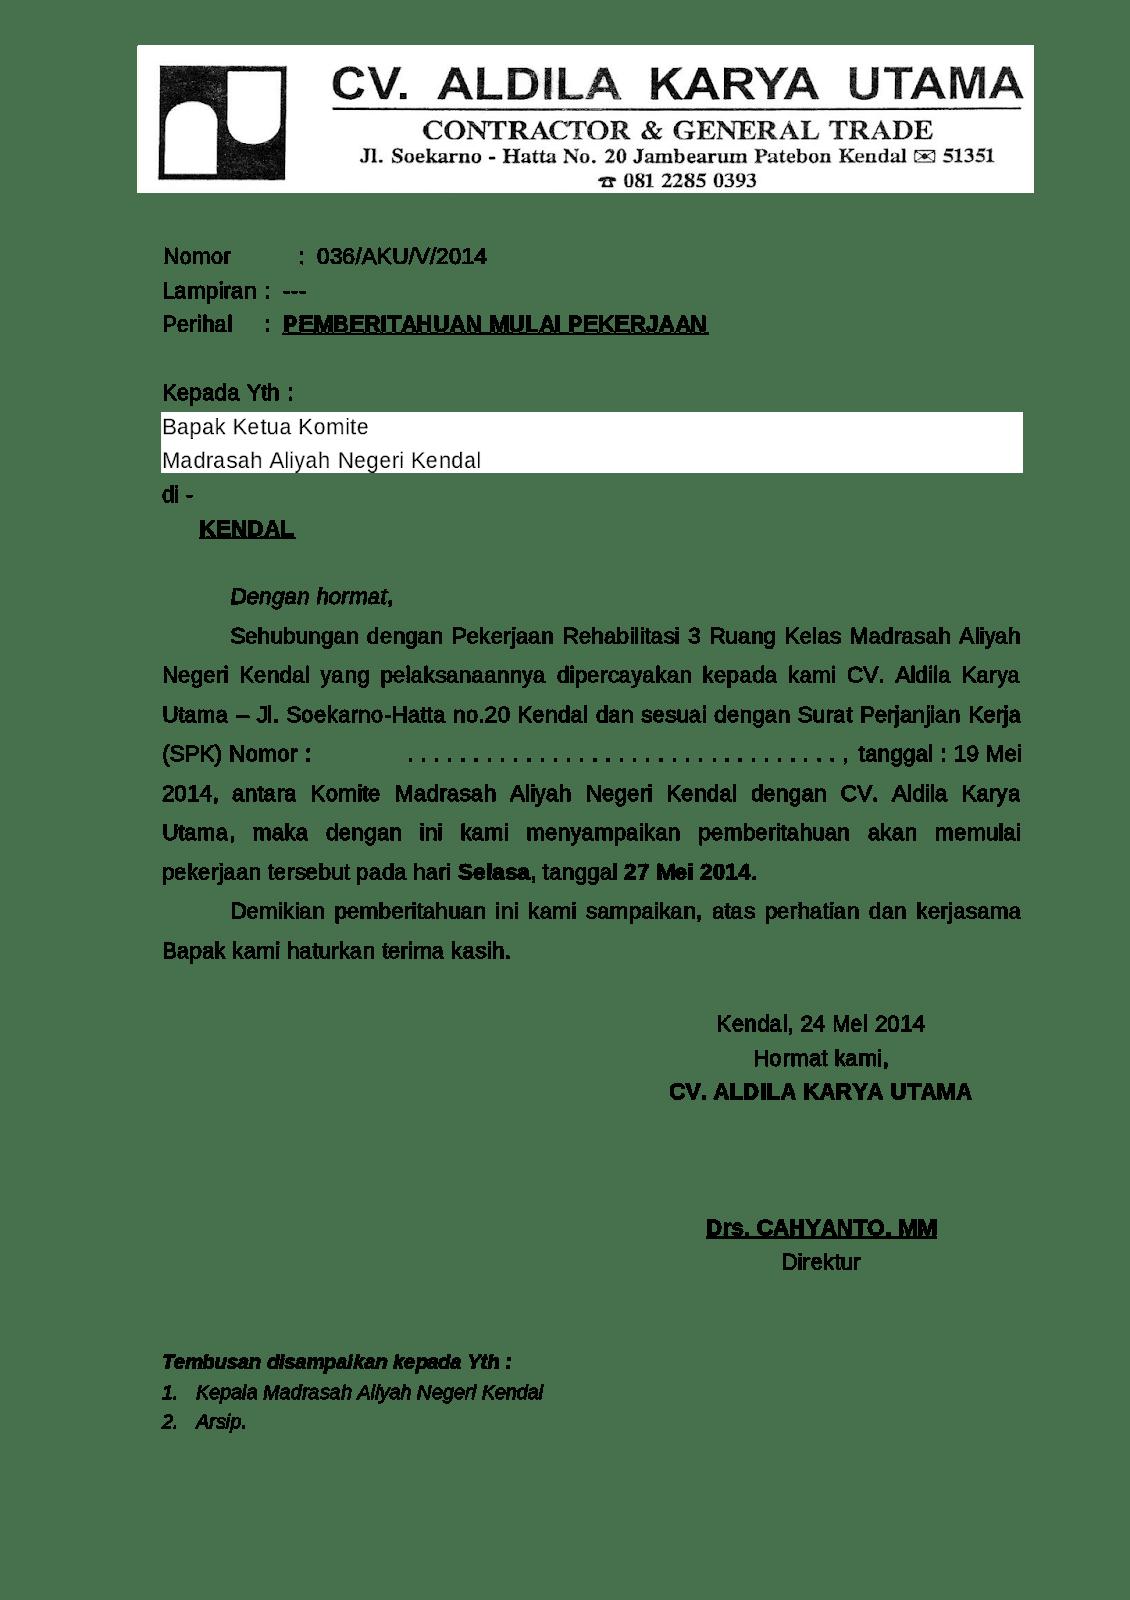 Contoh Surat Pemberitahuan Kegiatan Proyek